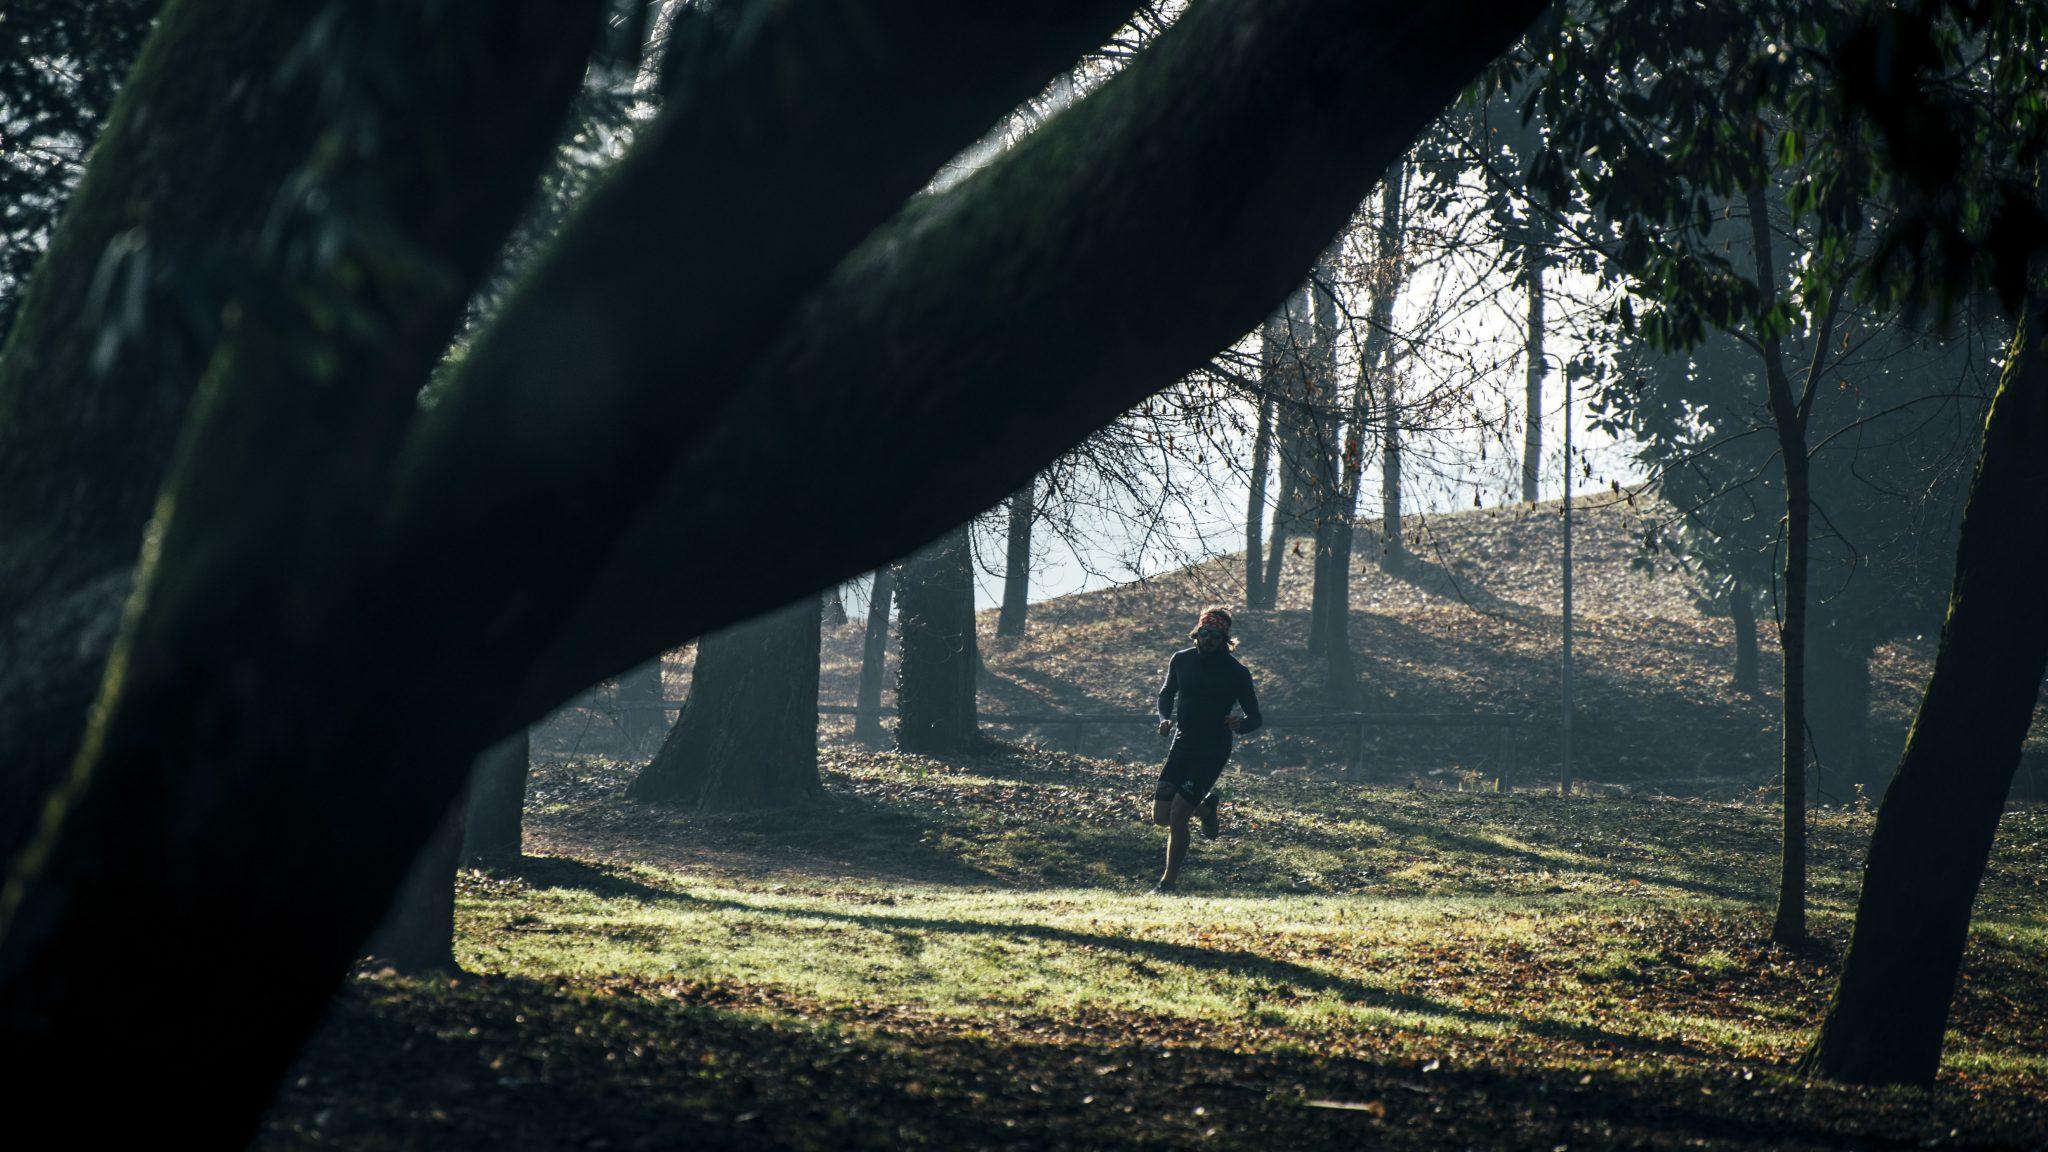 il corridore famoso mentre si allena correndo nel parco